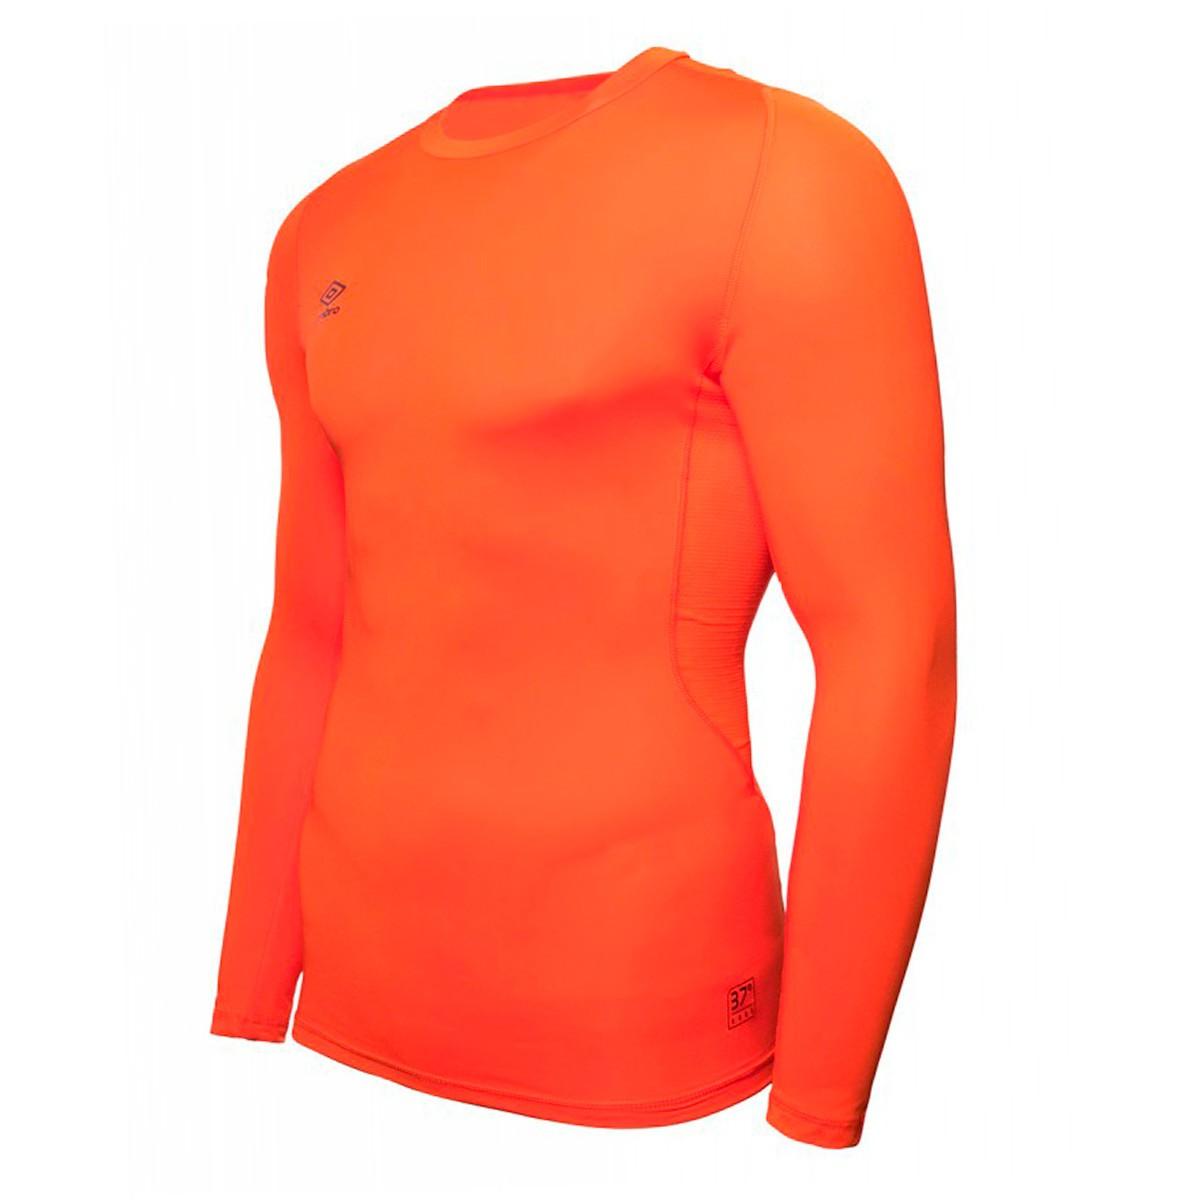 Camiseta Umbro térmica Core Crew m l Naranja - Soloporteros es ahora Fútbol  Emotion 5c1b44fae371a